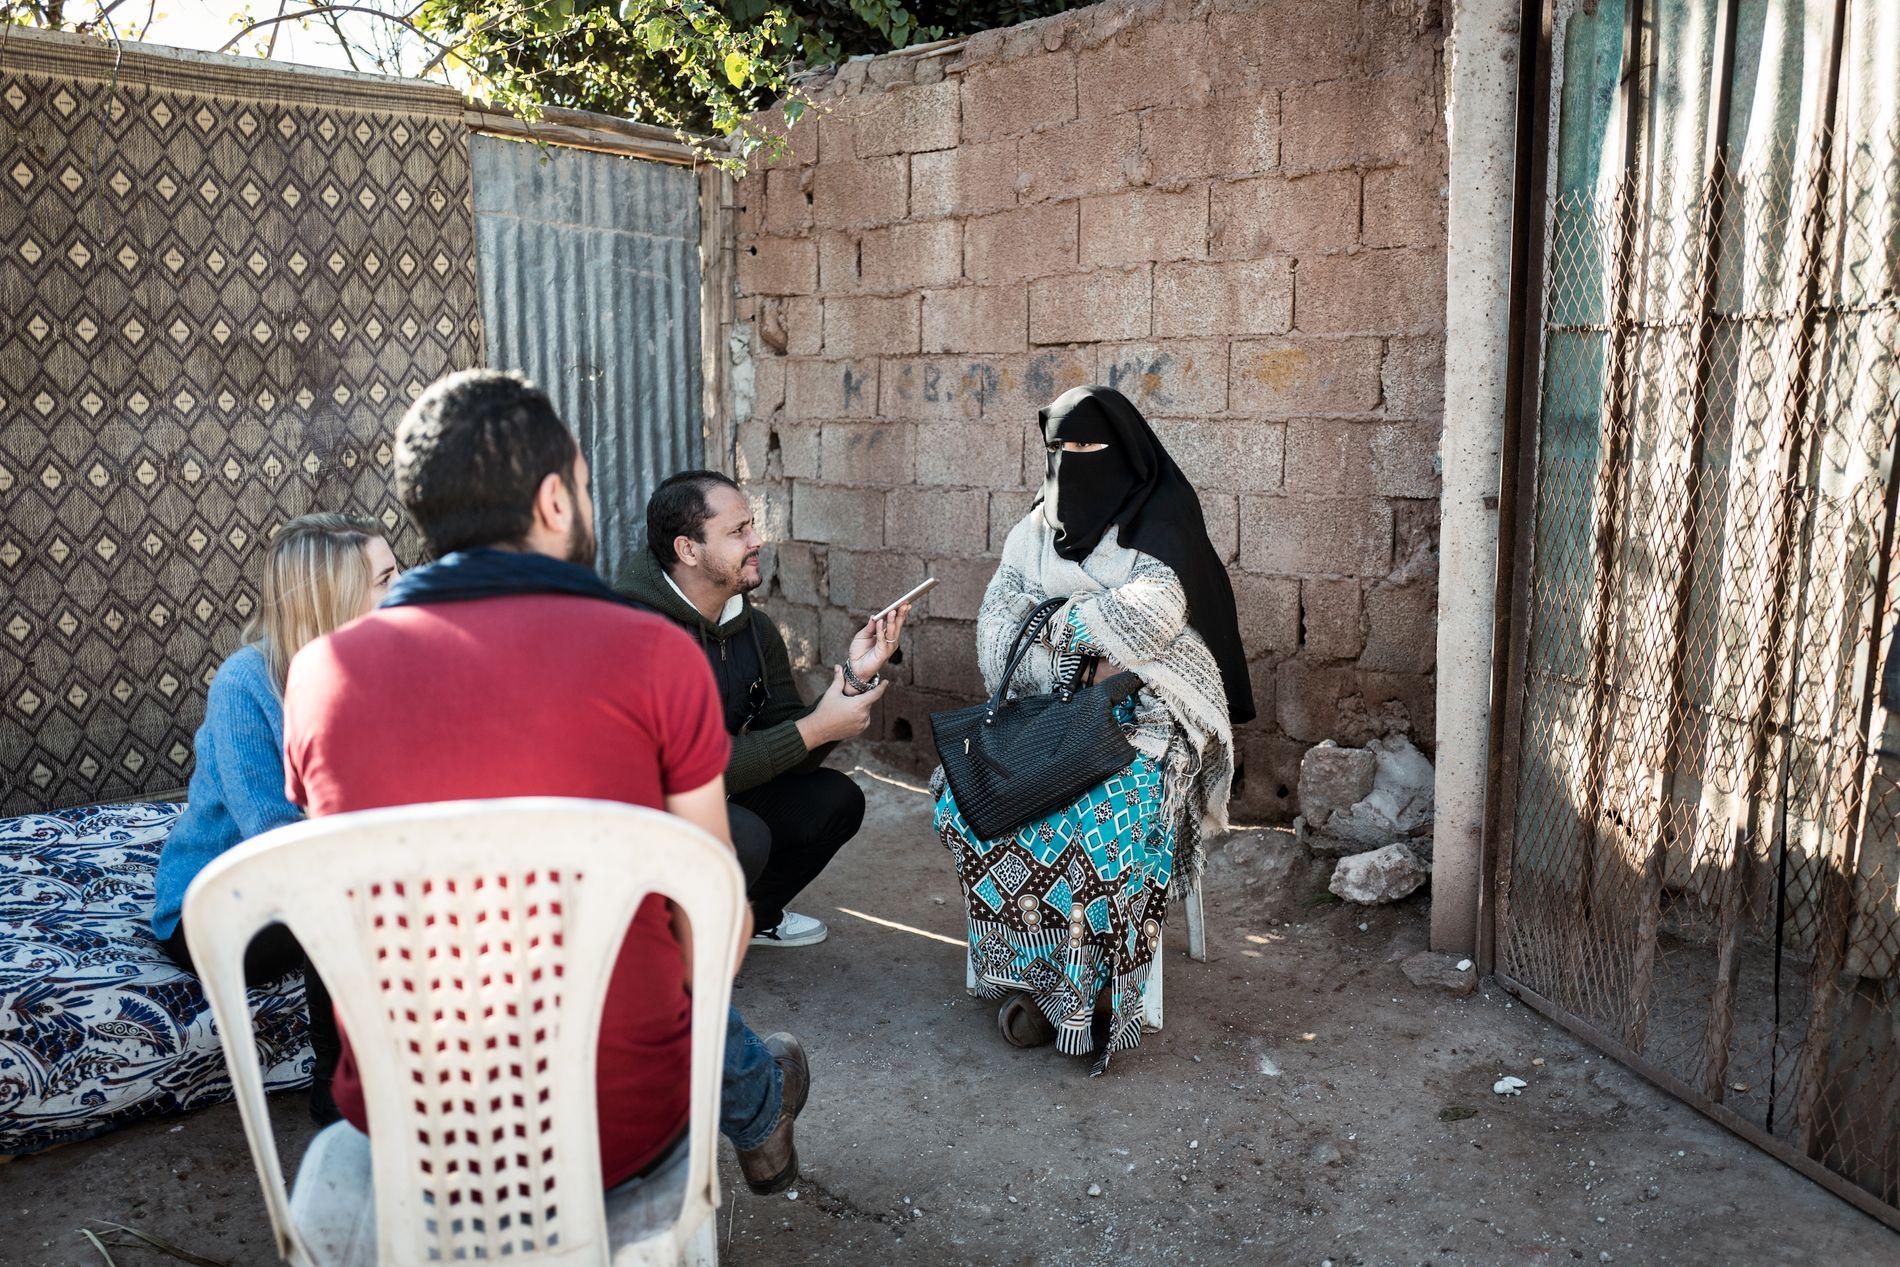 KONA: Aisha, kona til Abderrahim Khayali, vet ikke hva hun si om at ektemannen er pågrepet for terrordrap i Atlas-fjellene.